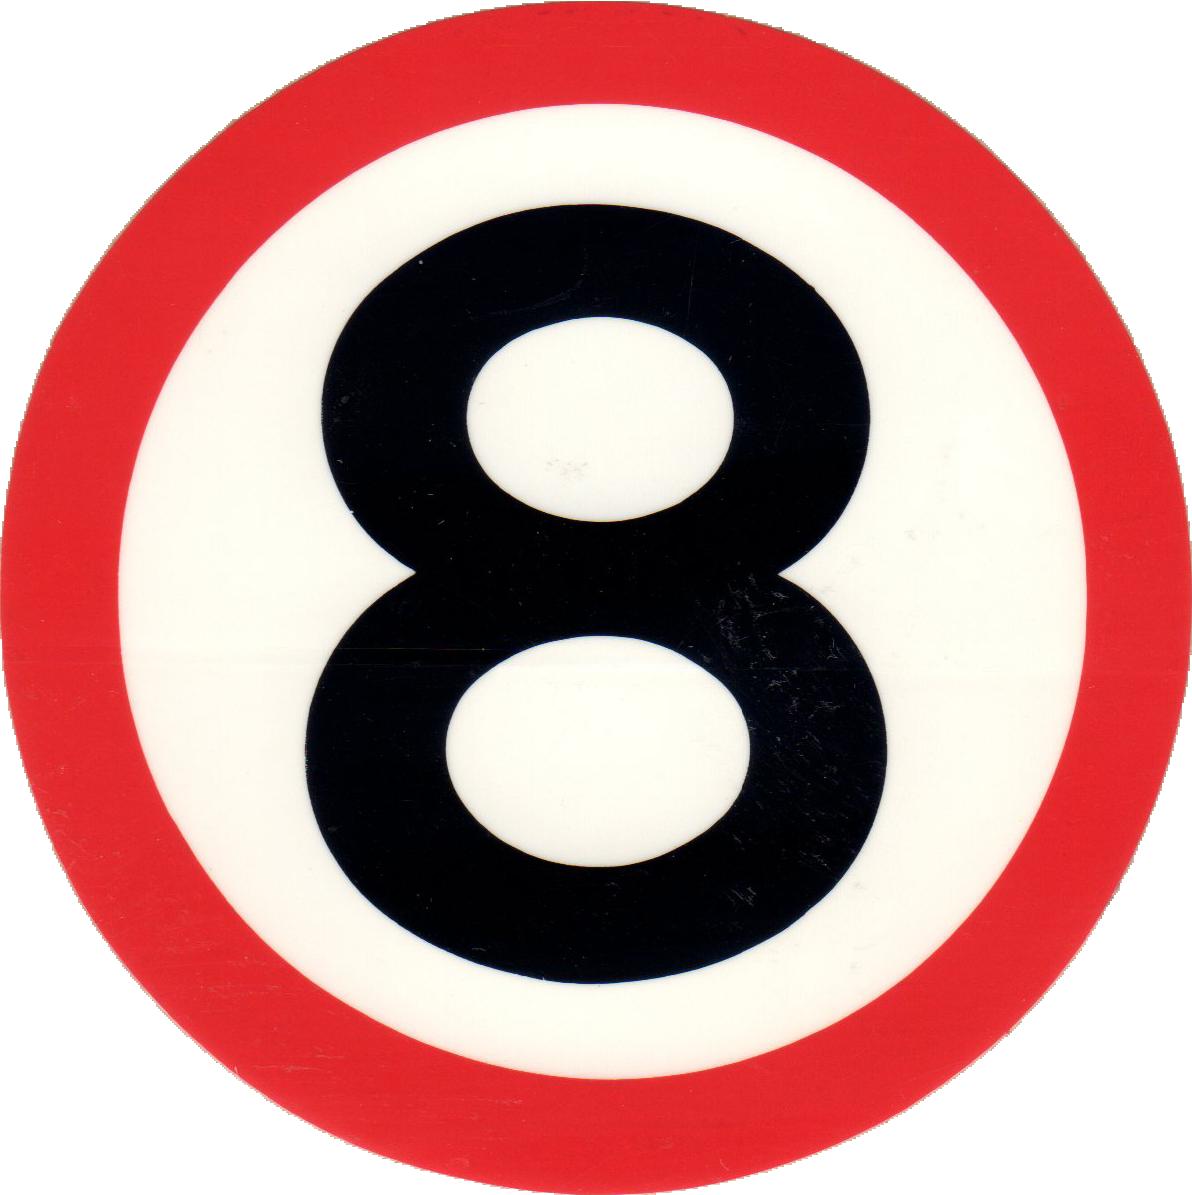 circle-8-reduced